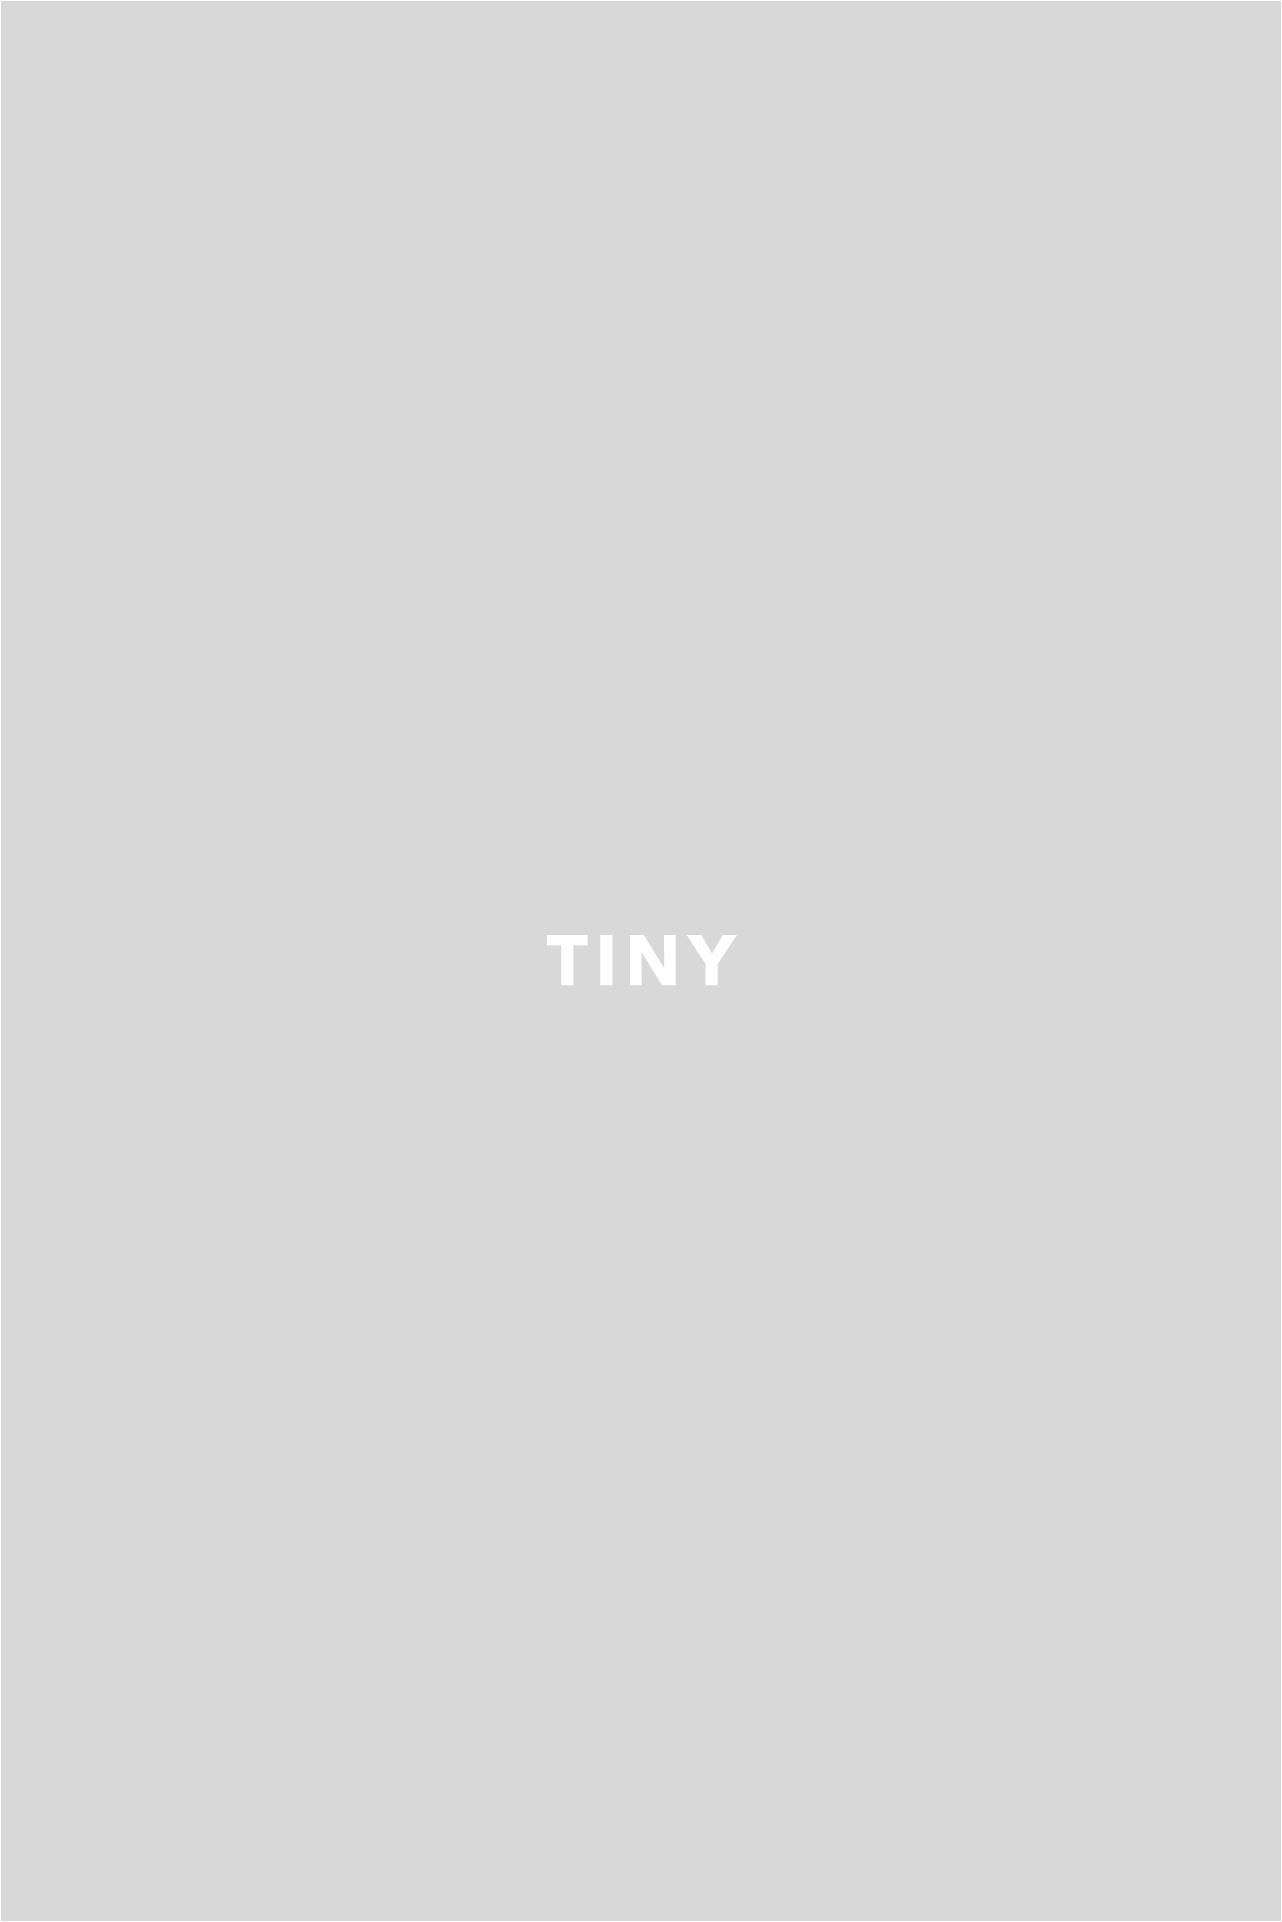 CHIRINGUITO FOREVER SWEATSHIRT